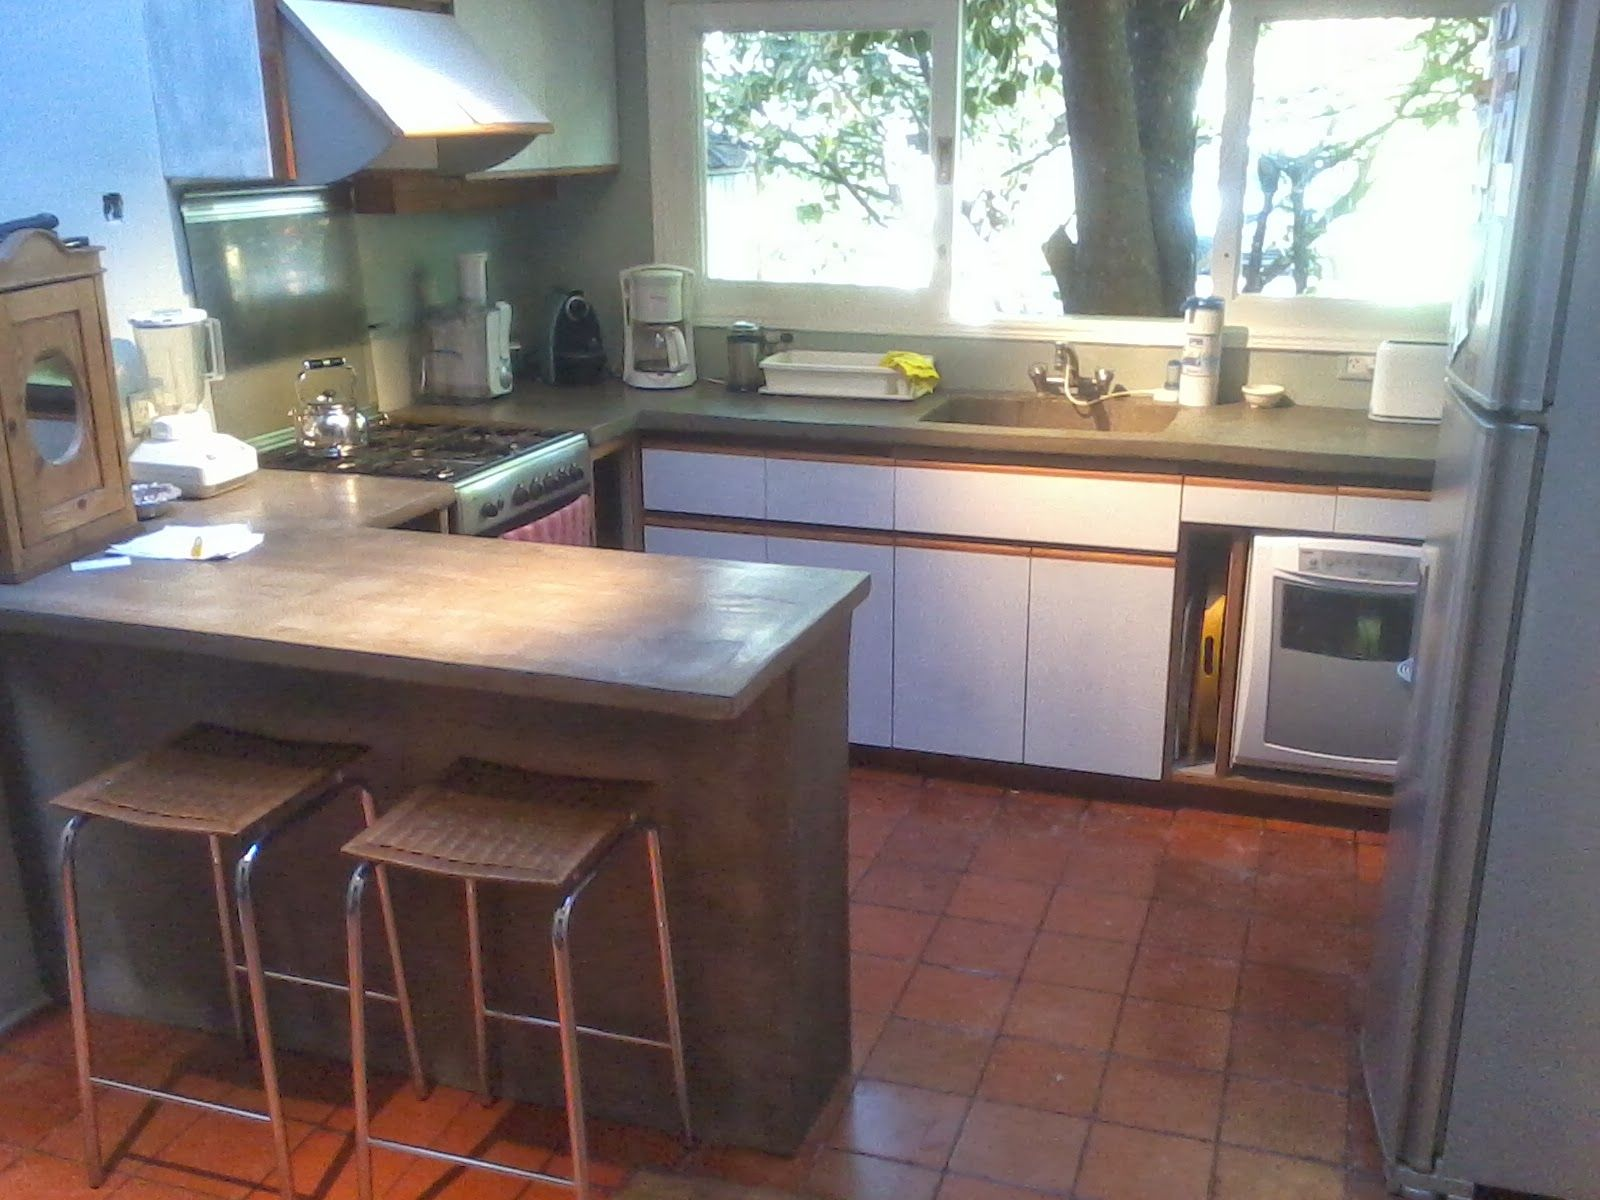 Muebles de cocina barra mesada cemento 1600 for Cocinas en cemento